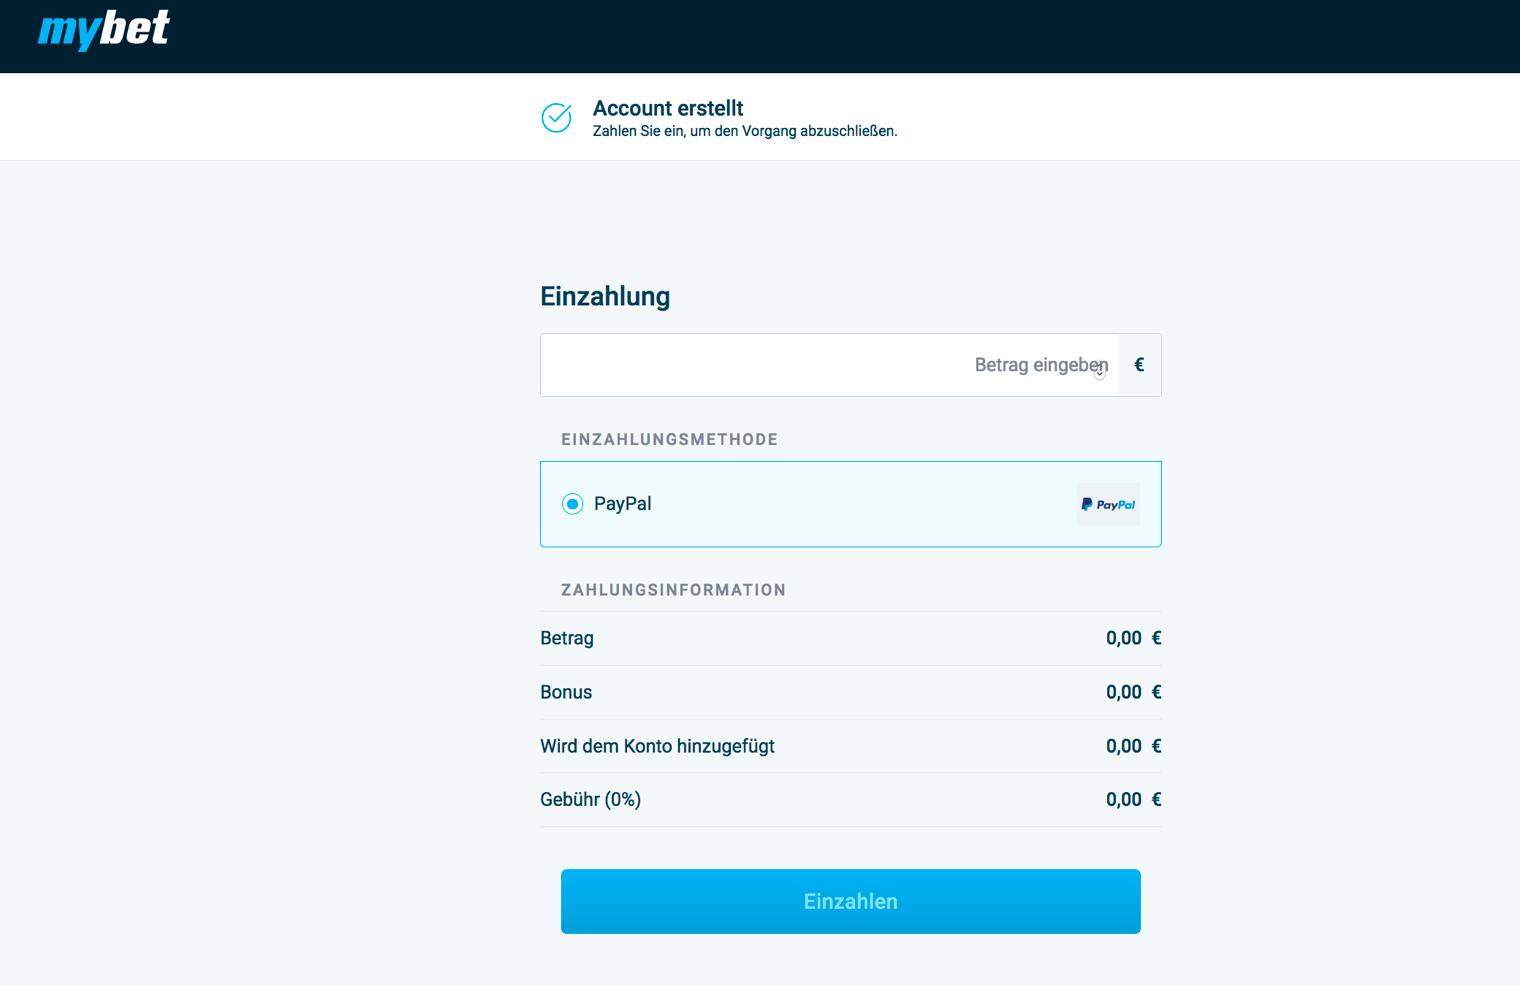 mybet PayPal Einzahlung - Wettanbieter mit PayPal